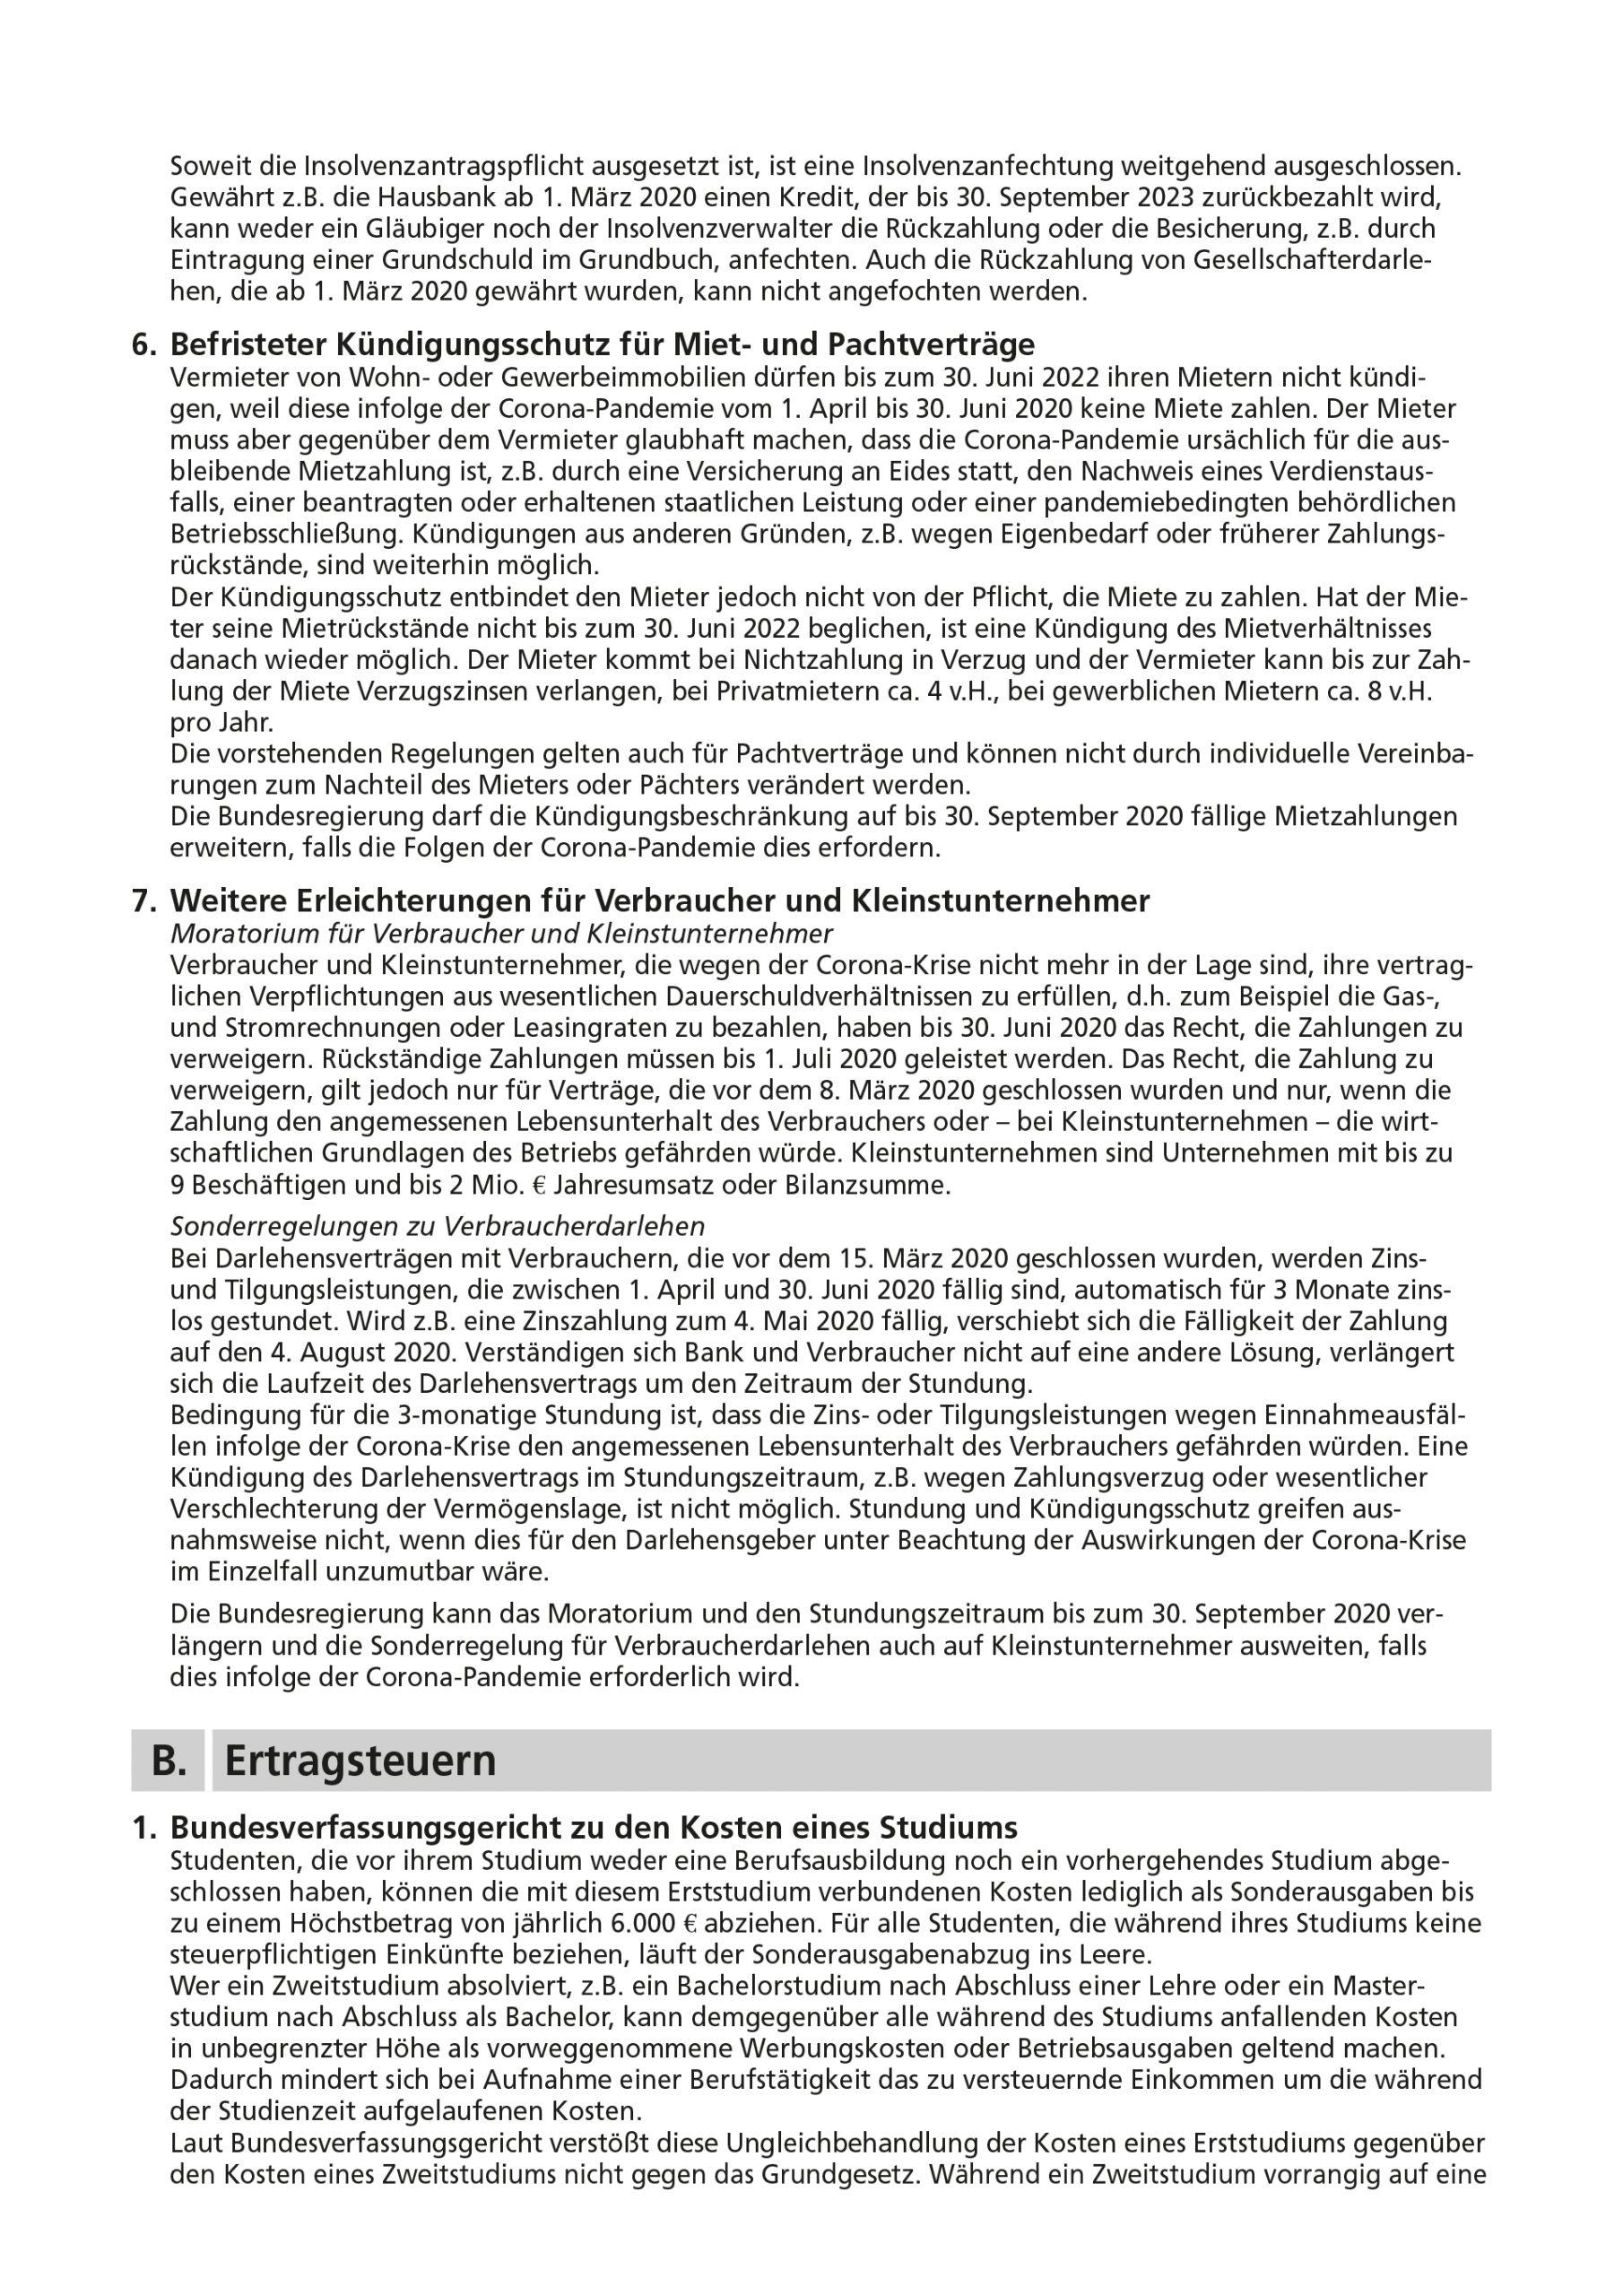 js-tax Steuerberatung Mandantenrundschreiben 2020-04 S4